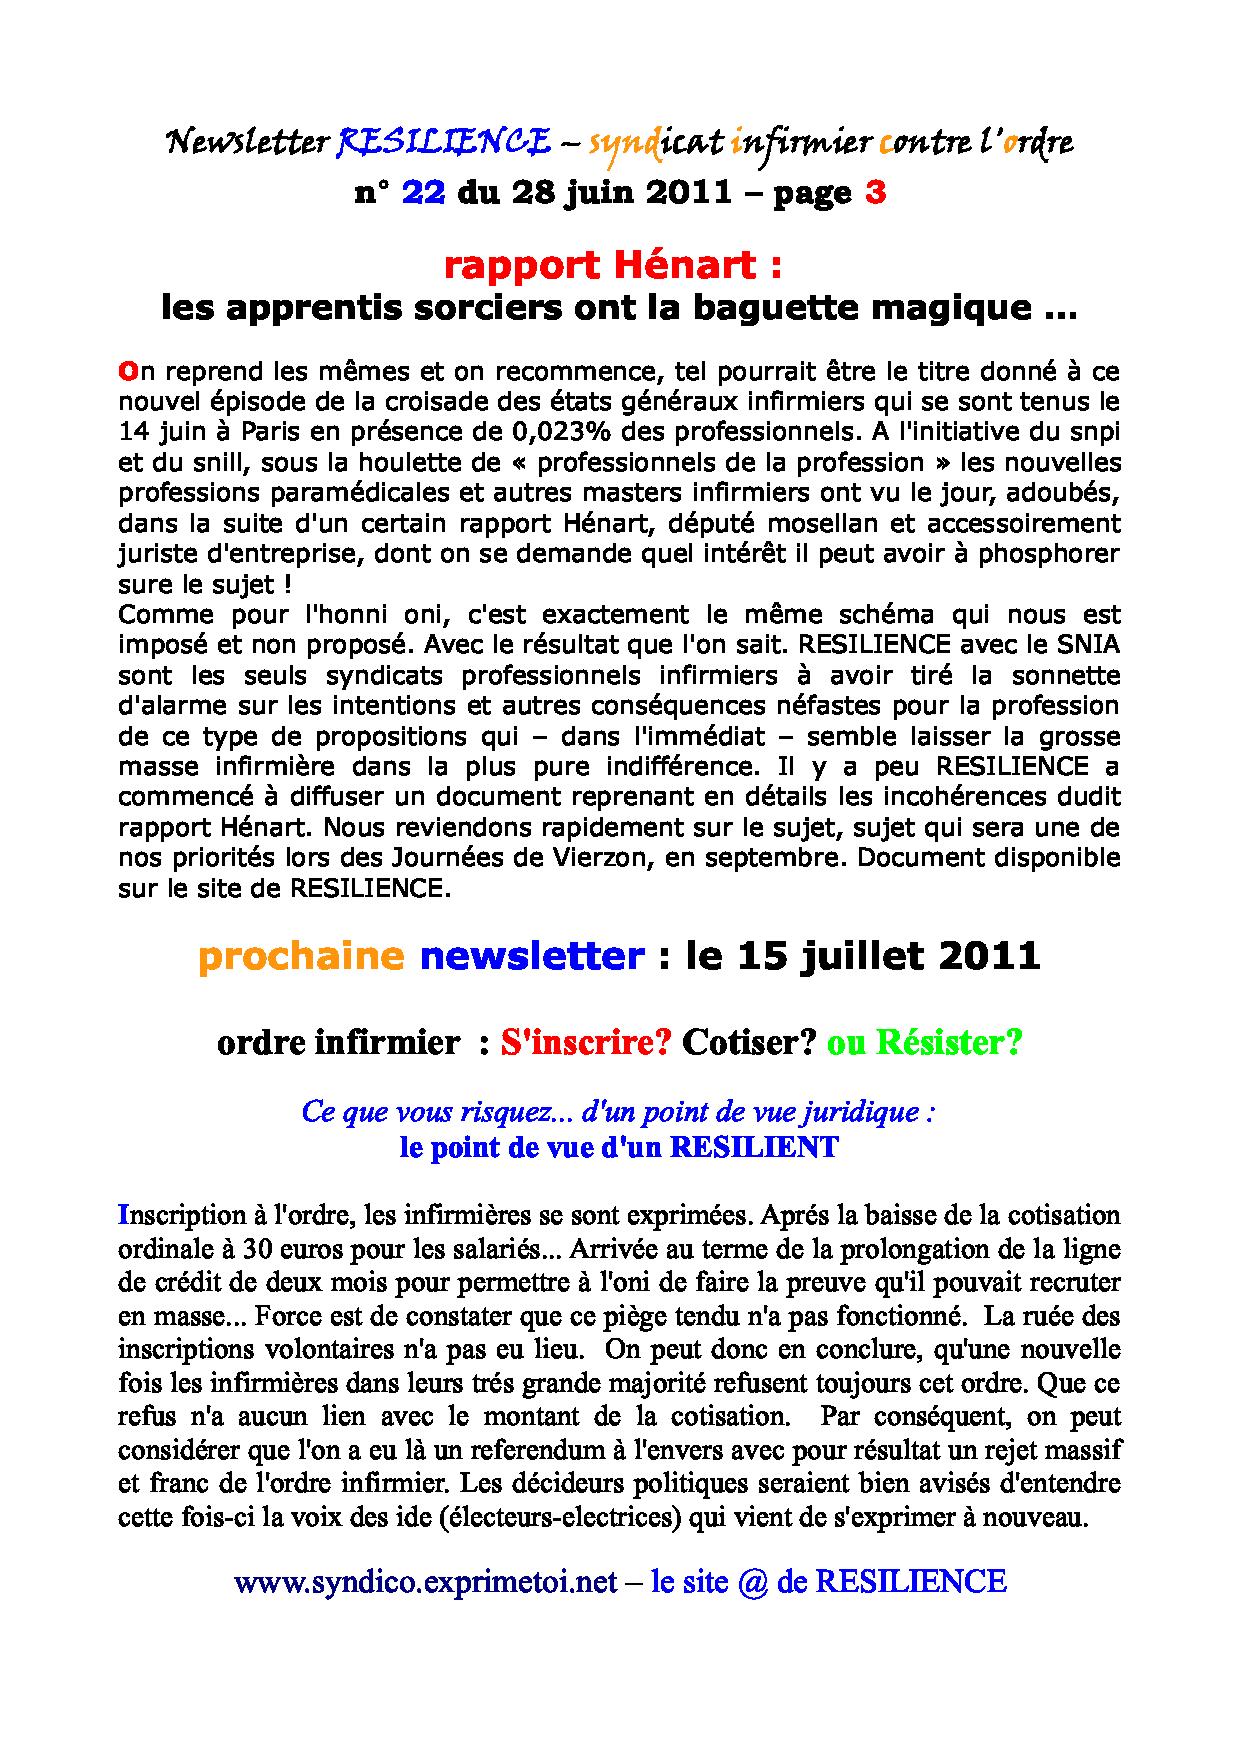 Newsletter RESILIENCE n° 22 du 28 juin 2011 1107050414321139708427956